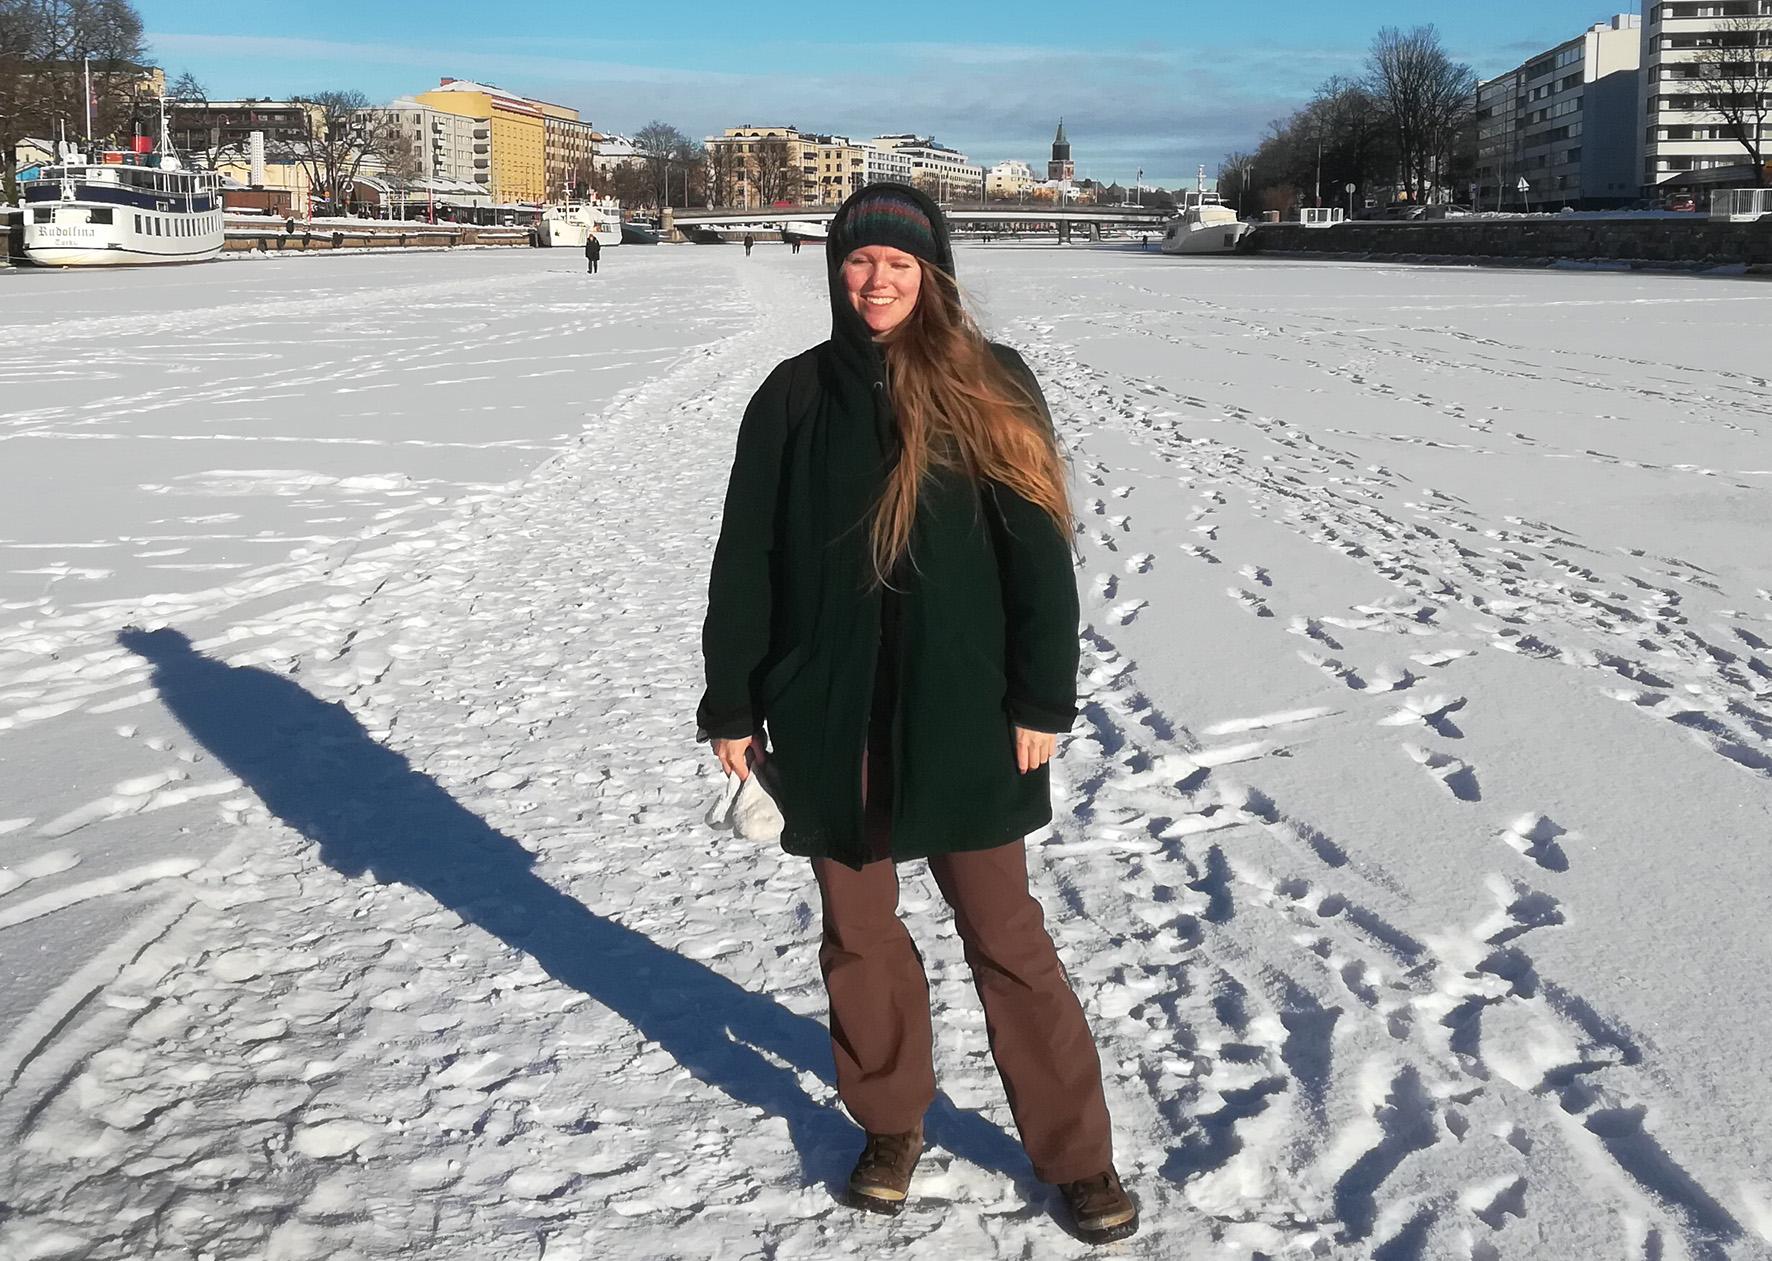 Pitkähiuksinen nuori nainen talvivaatteissa seisoo lumessa joen jäällä kaupungin keskustassa.